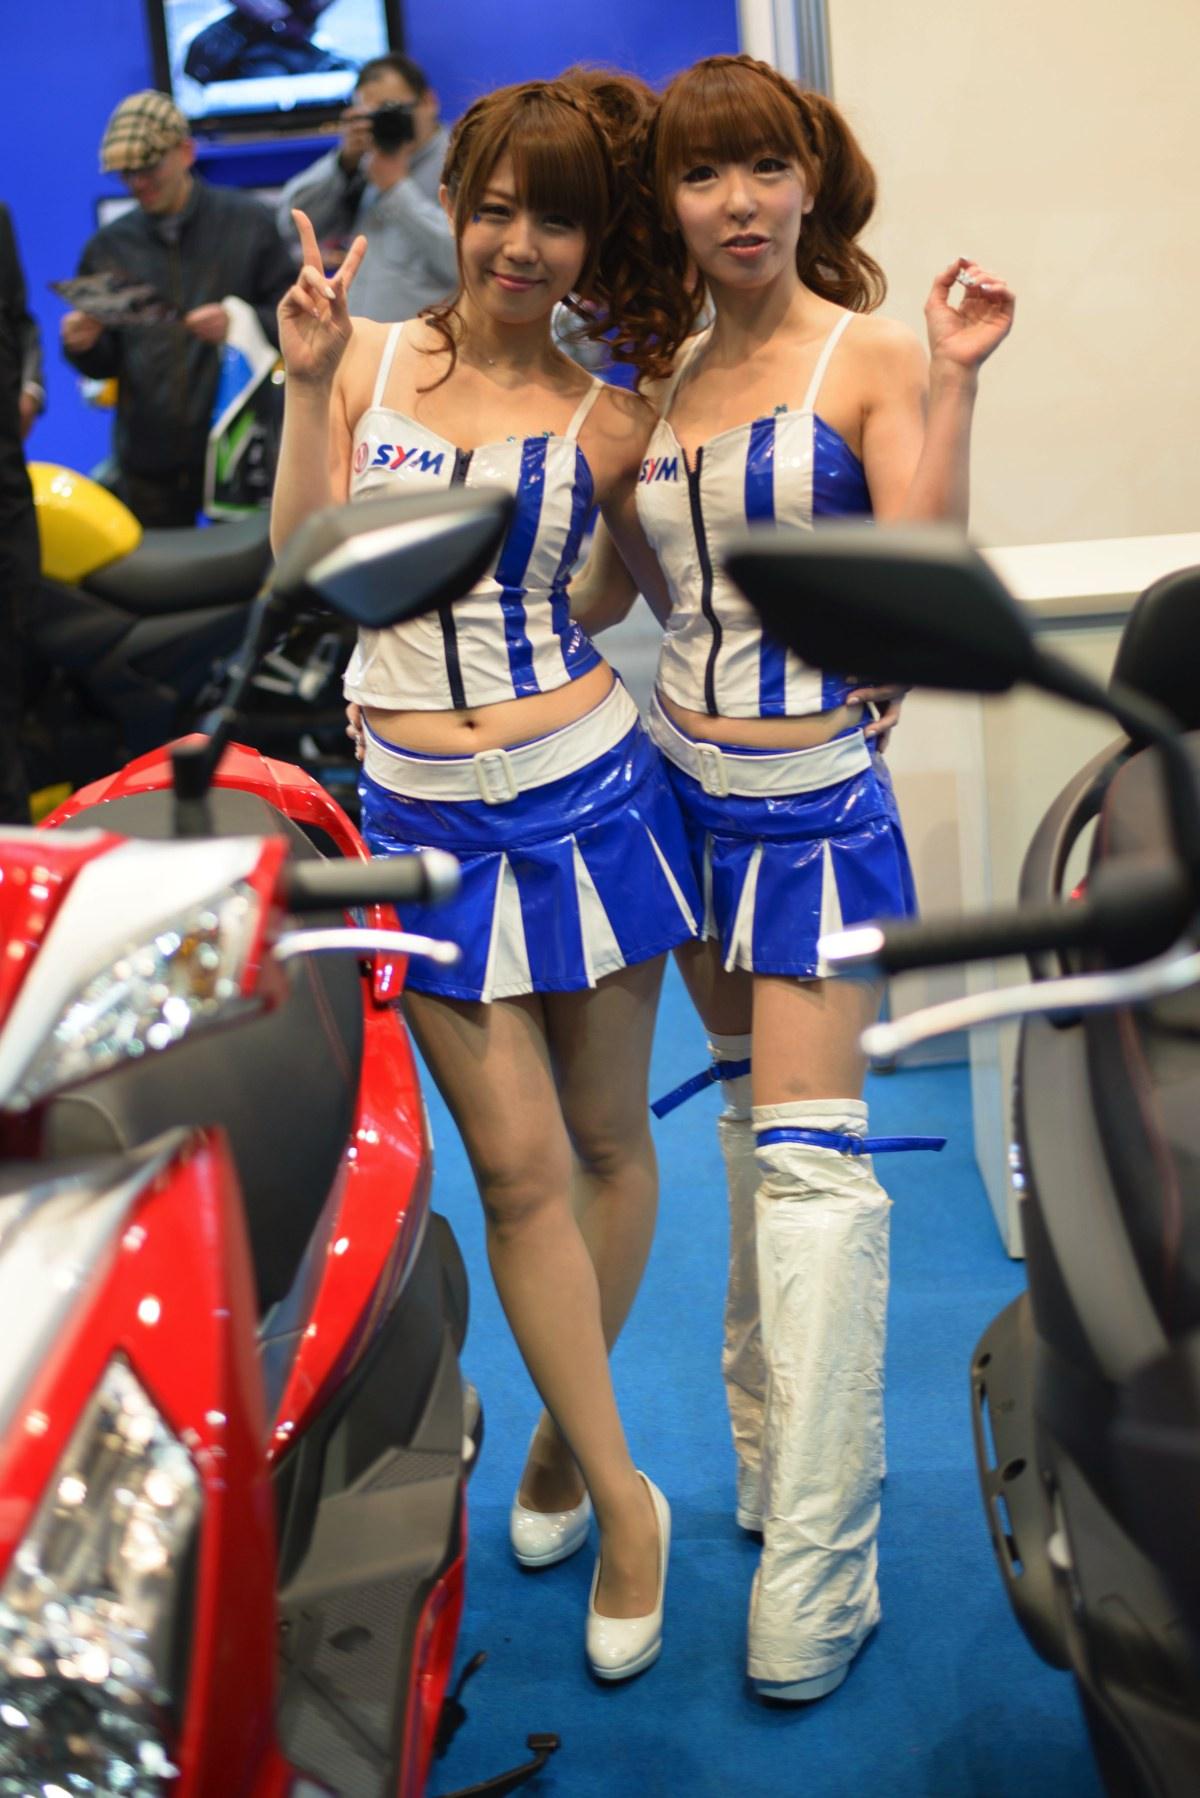 大阪モーターサイクルショー2014コンパニオン画像28